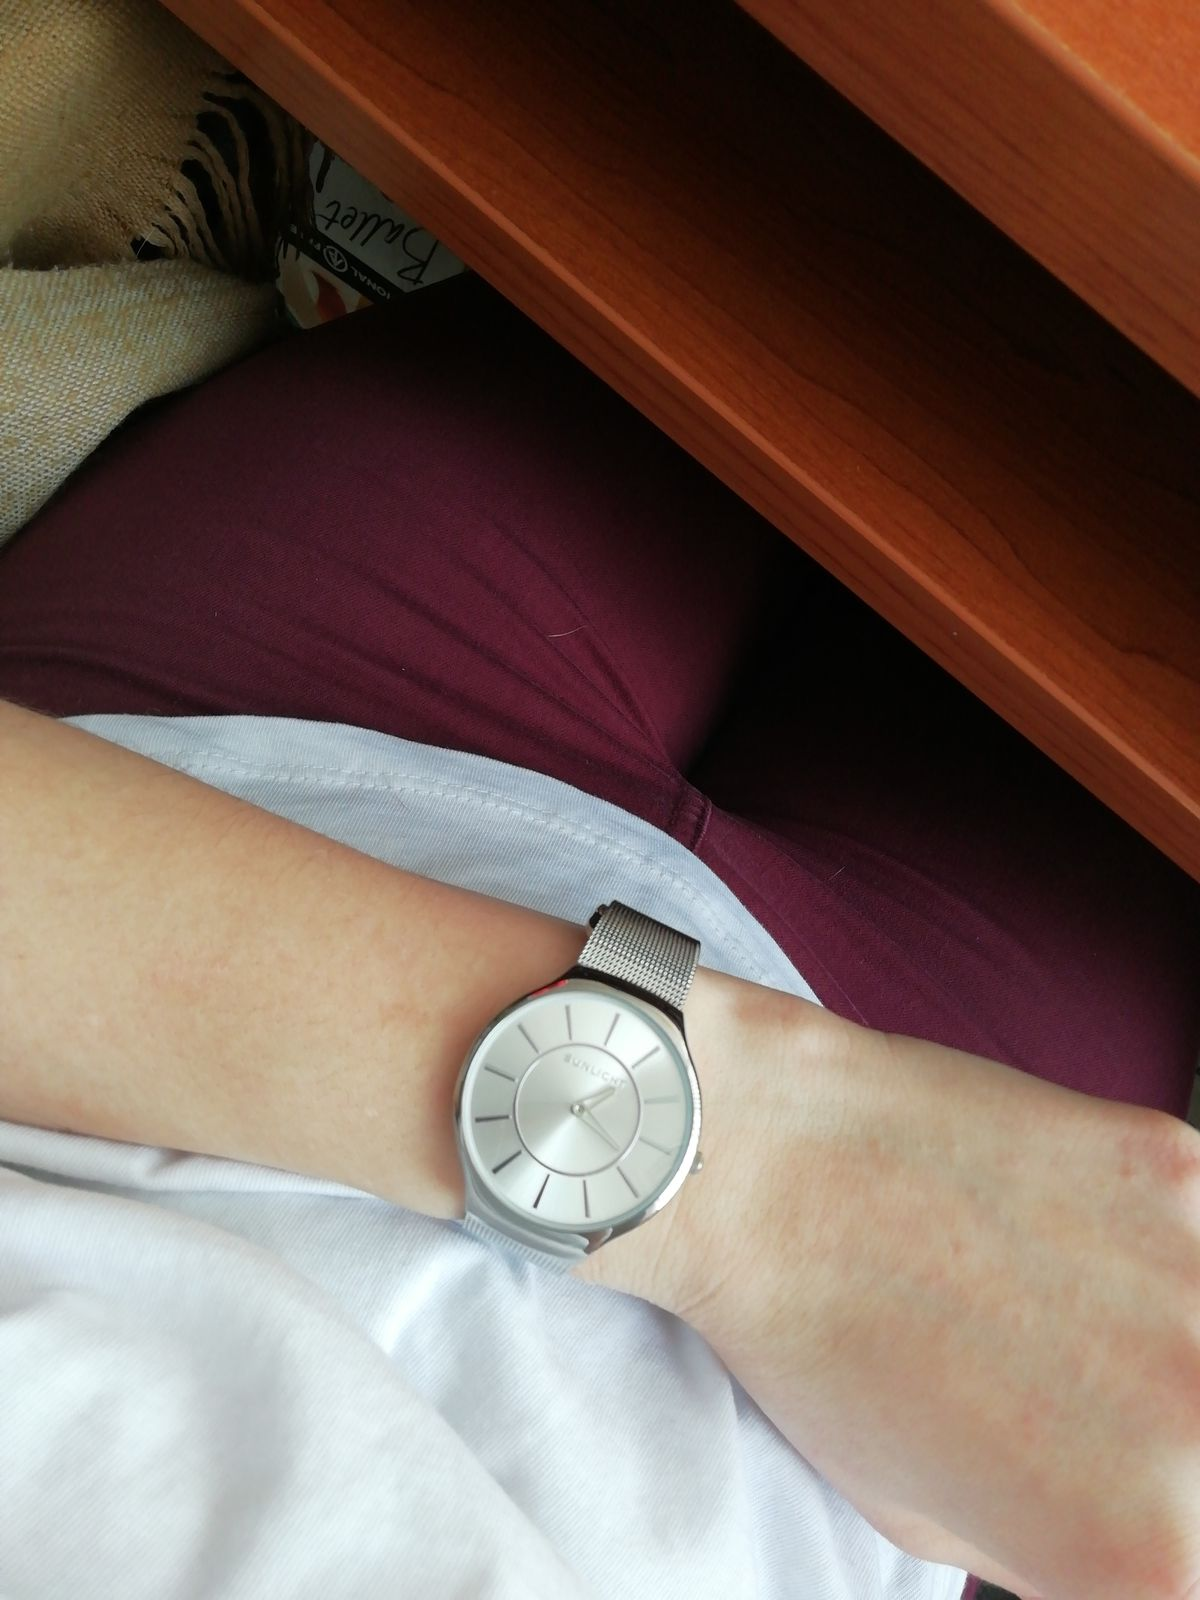 Хорошие часы за приятную стоимость стильные удобные